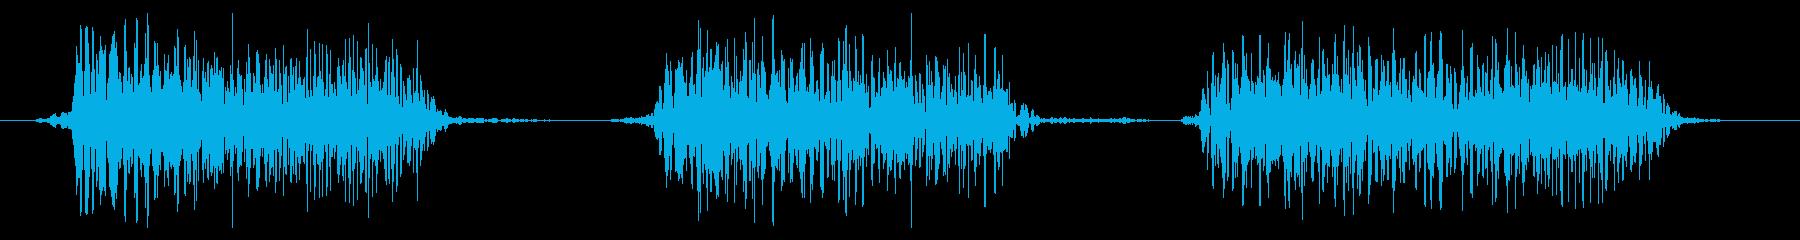 ゴリラ モンスター ゲーム 威嚇の再生済みの波形